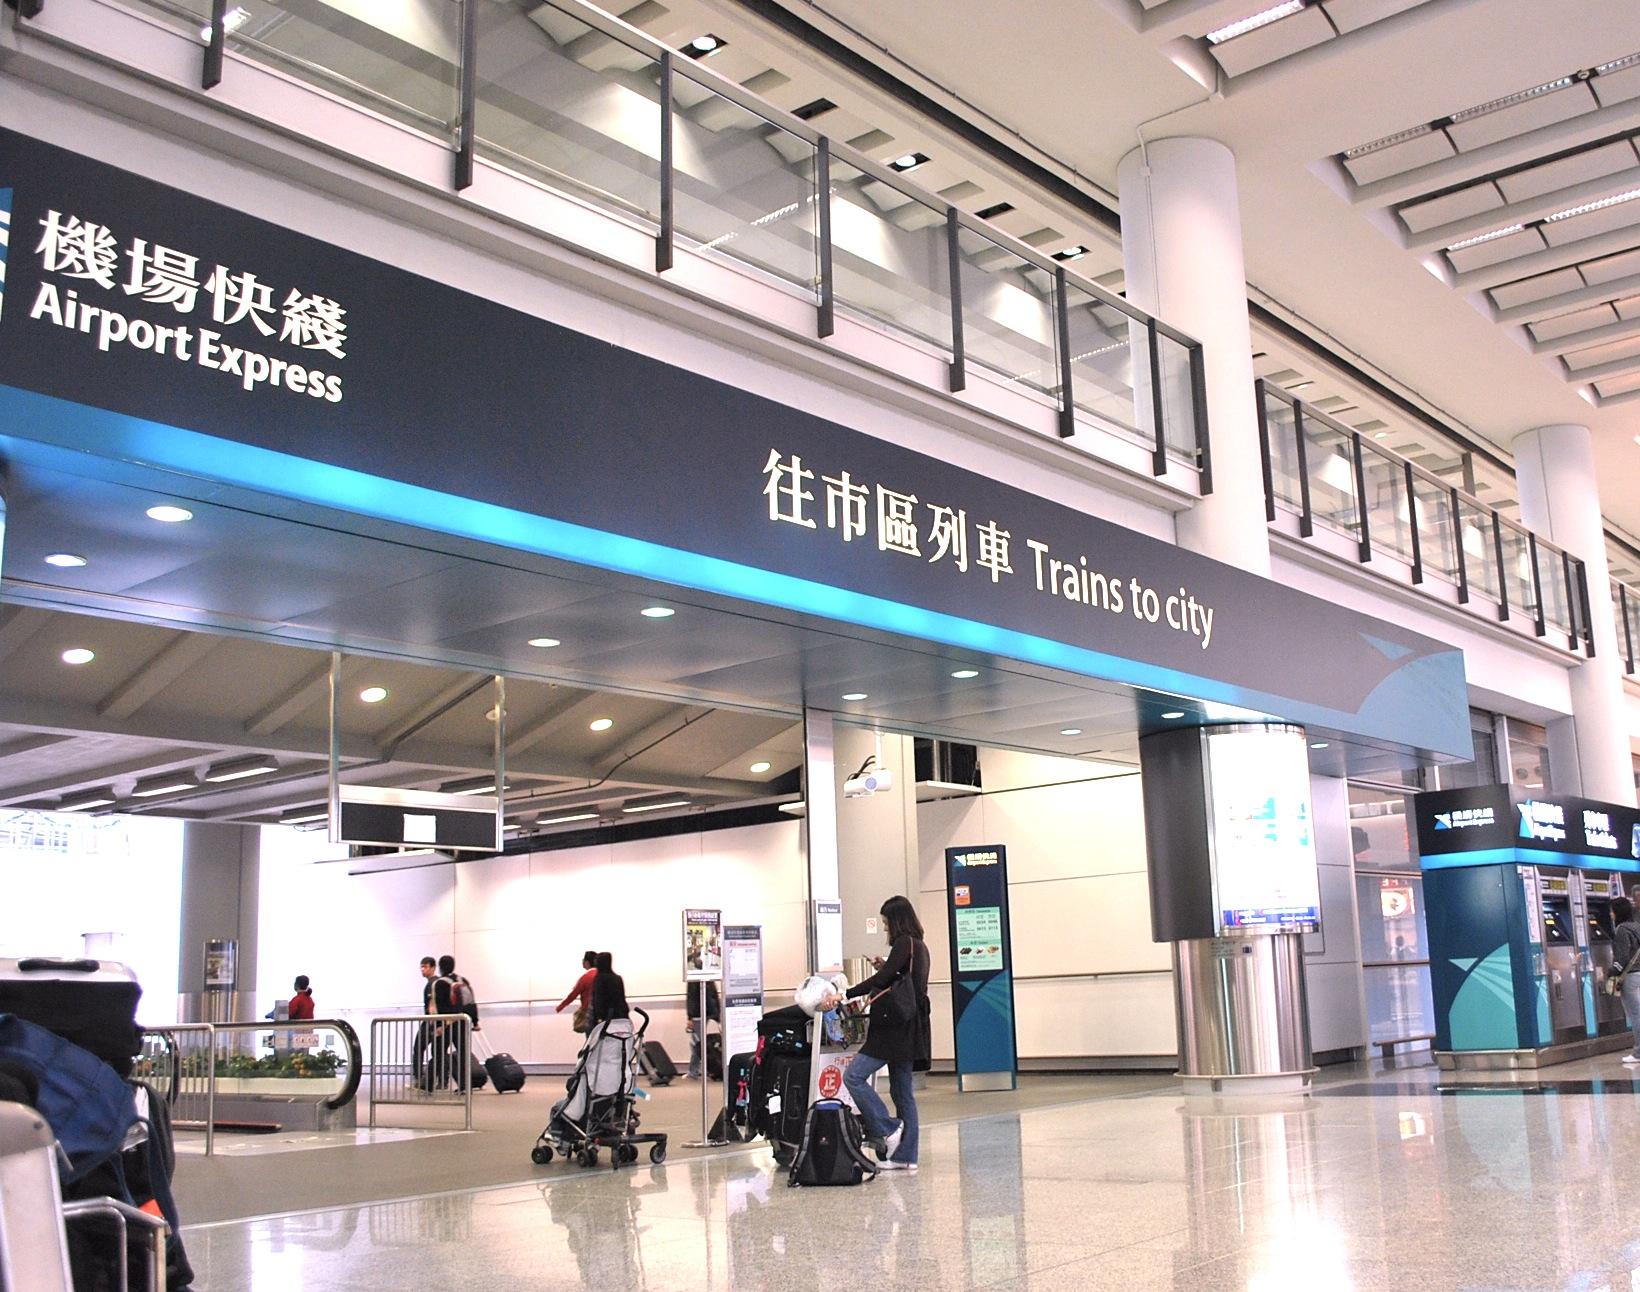 香港空港-移動方法-電車-エアポートエクスプレス-乗り場